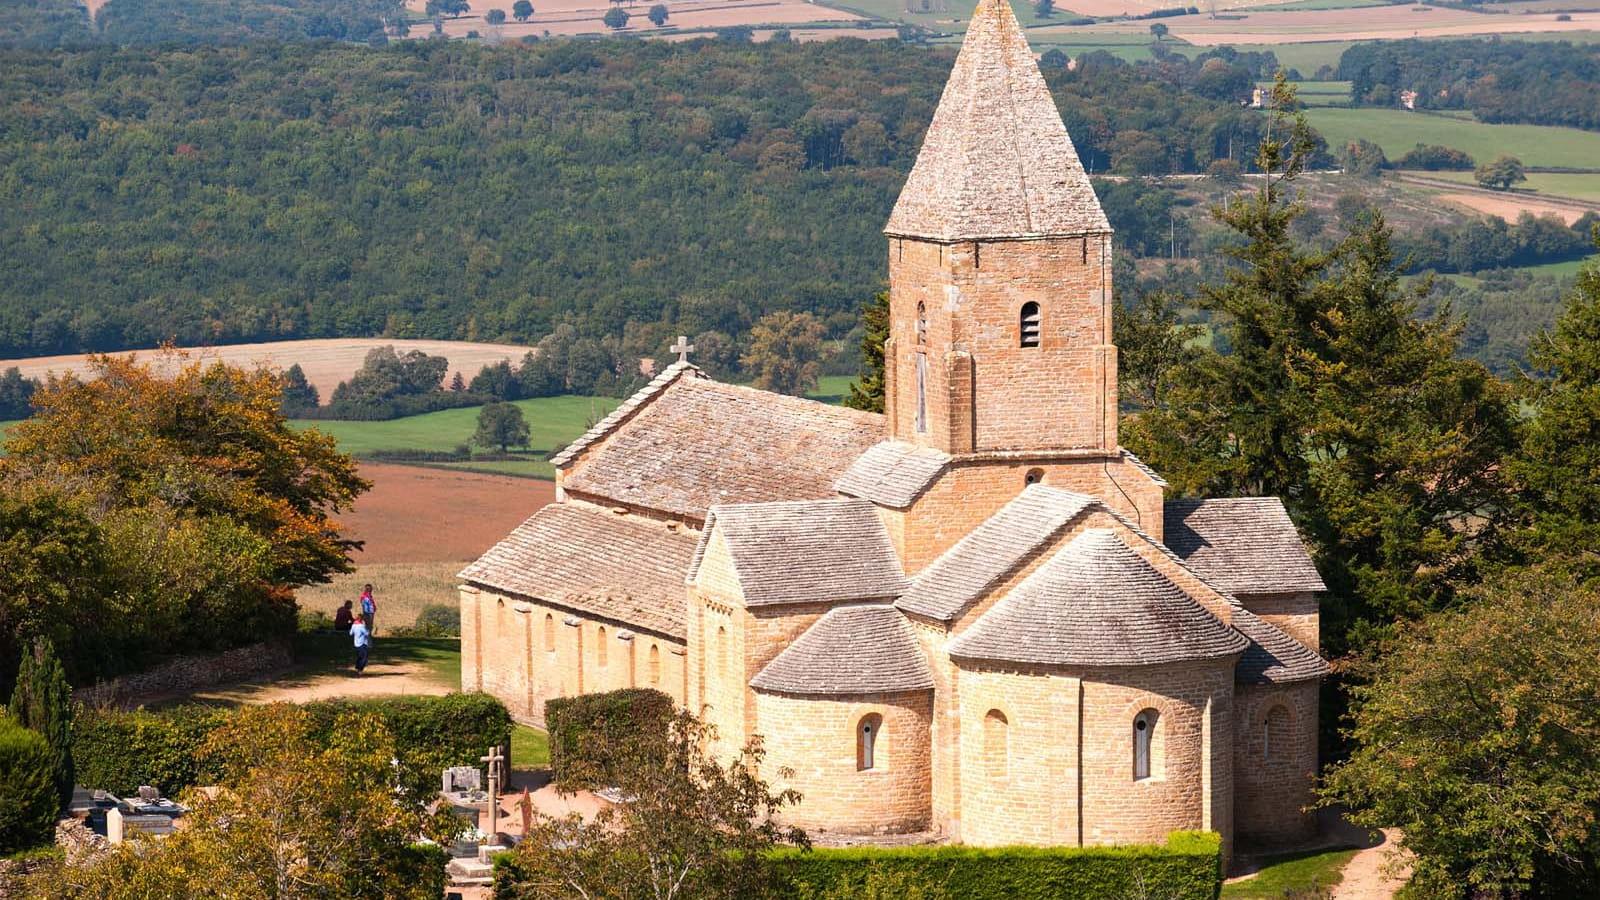 Perchée sur son éperon rocheux, l'église Saint-Pierre de Brancion